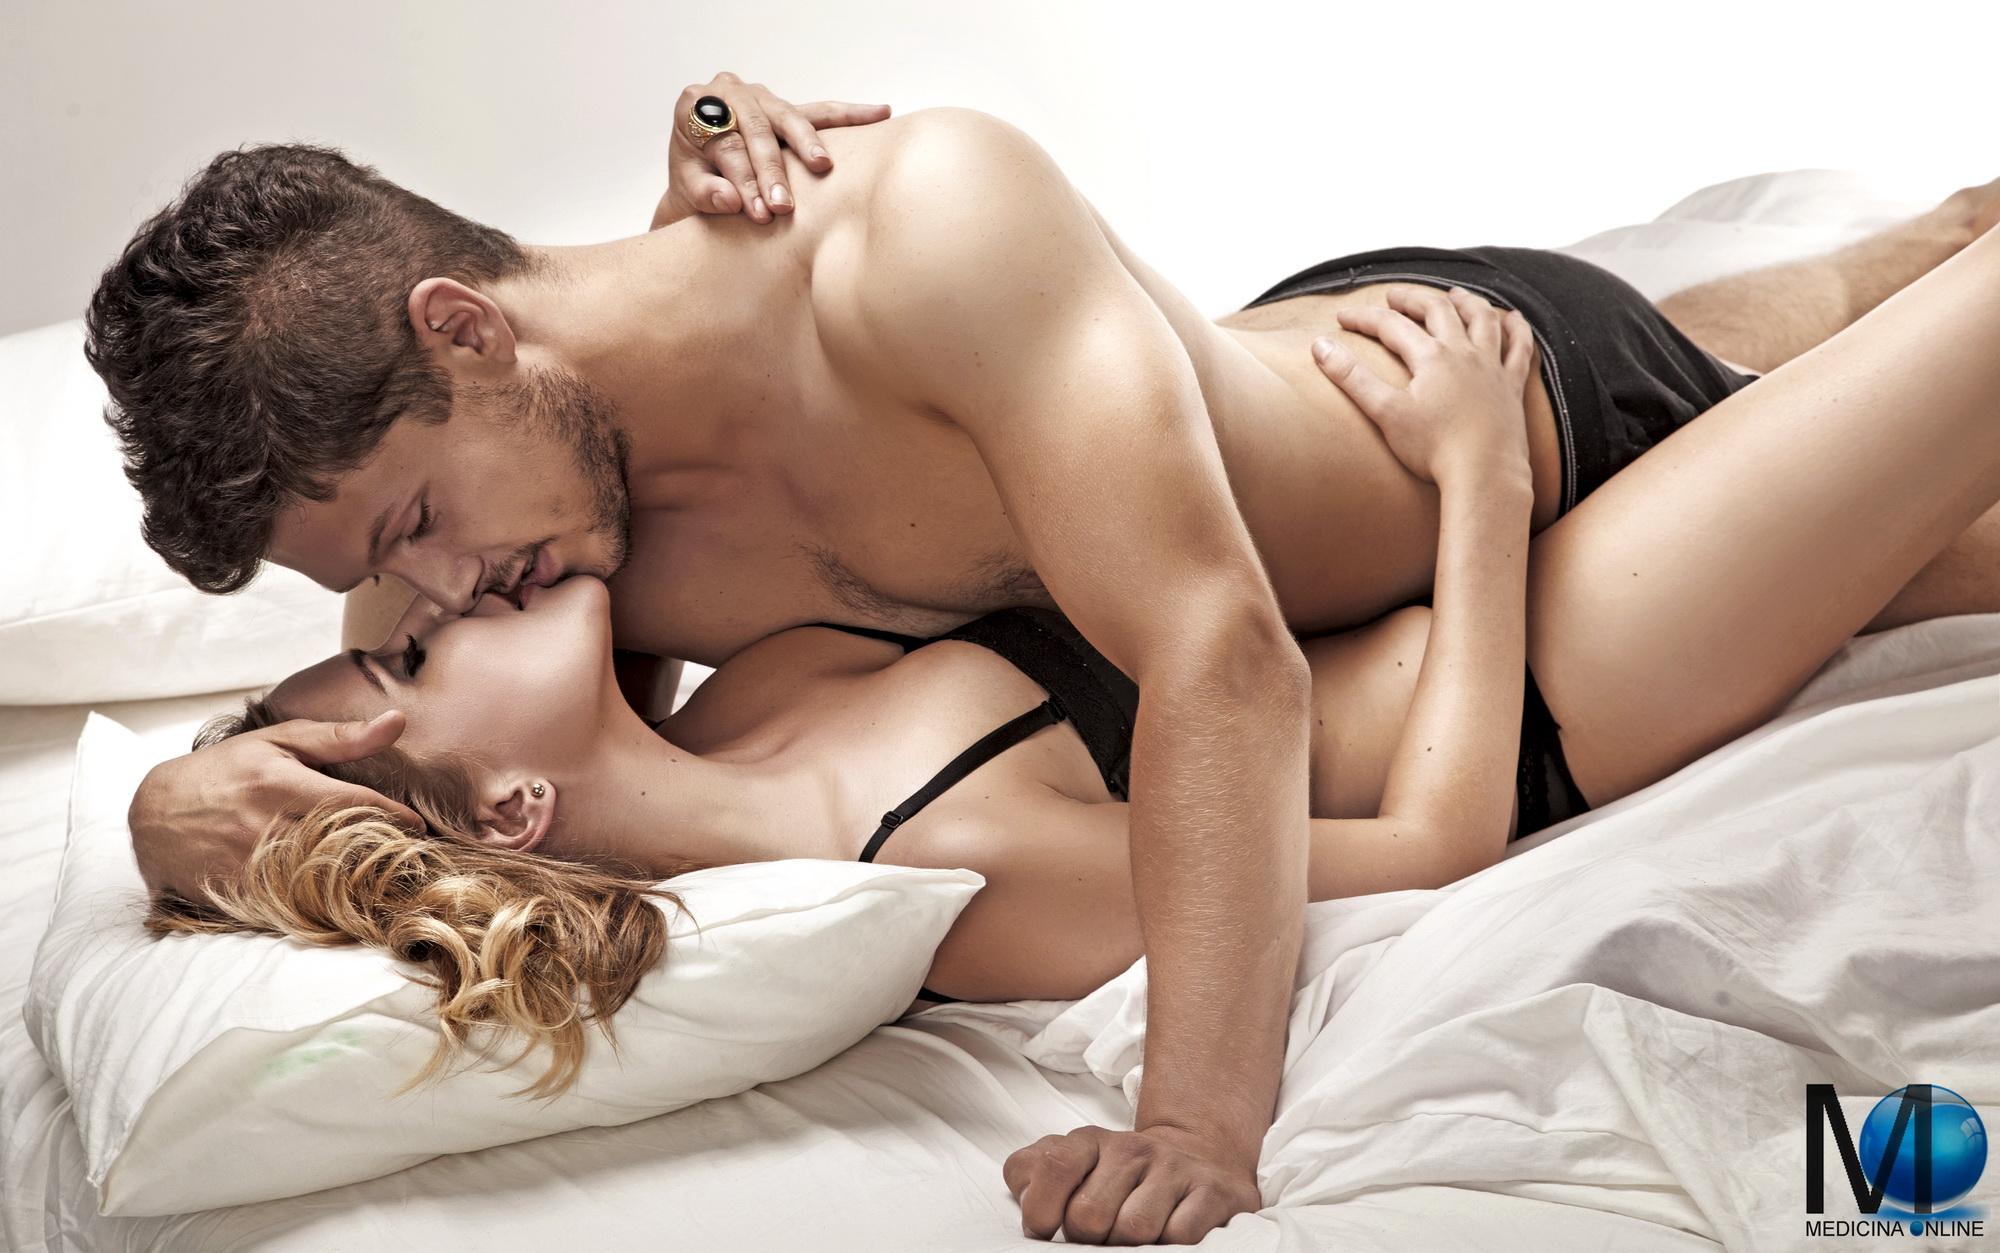 erezioni perse cosa dovrebbe fare una donna)